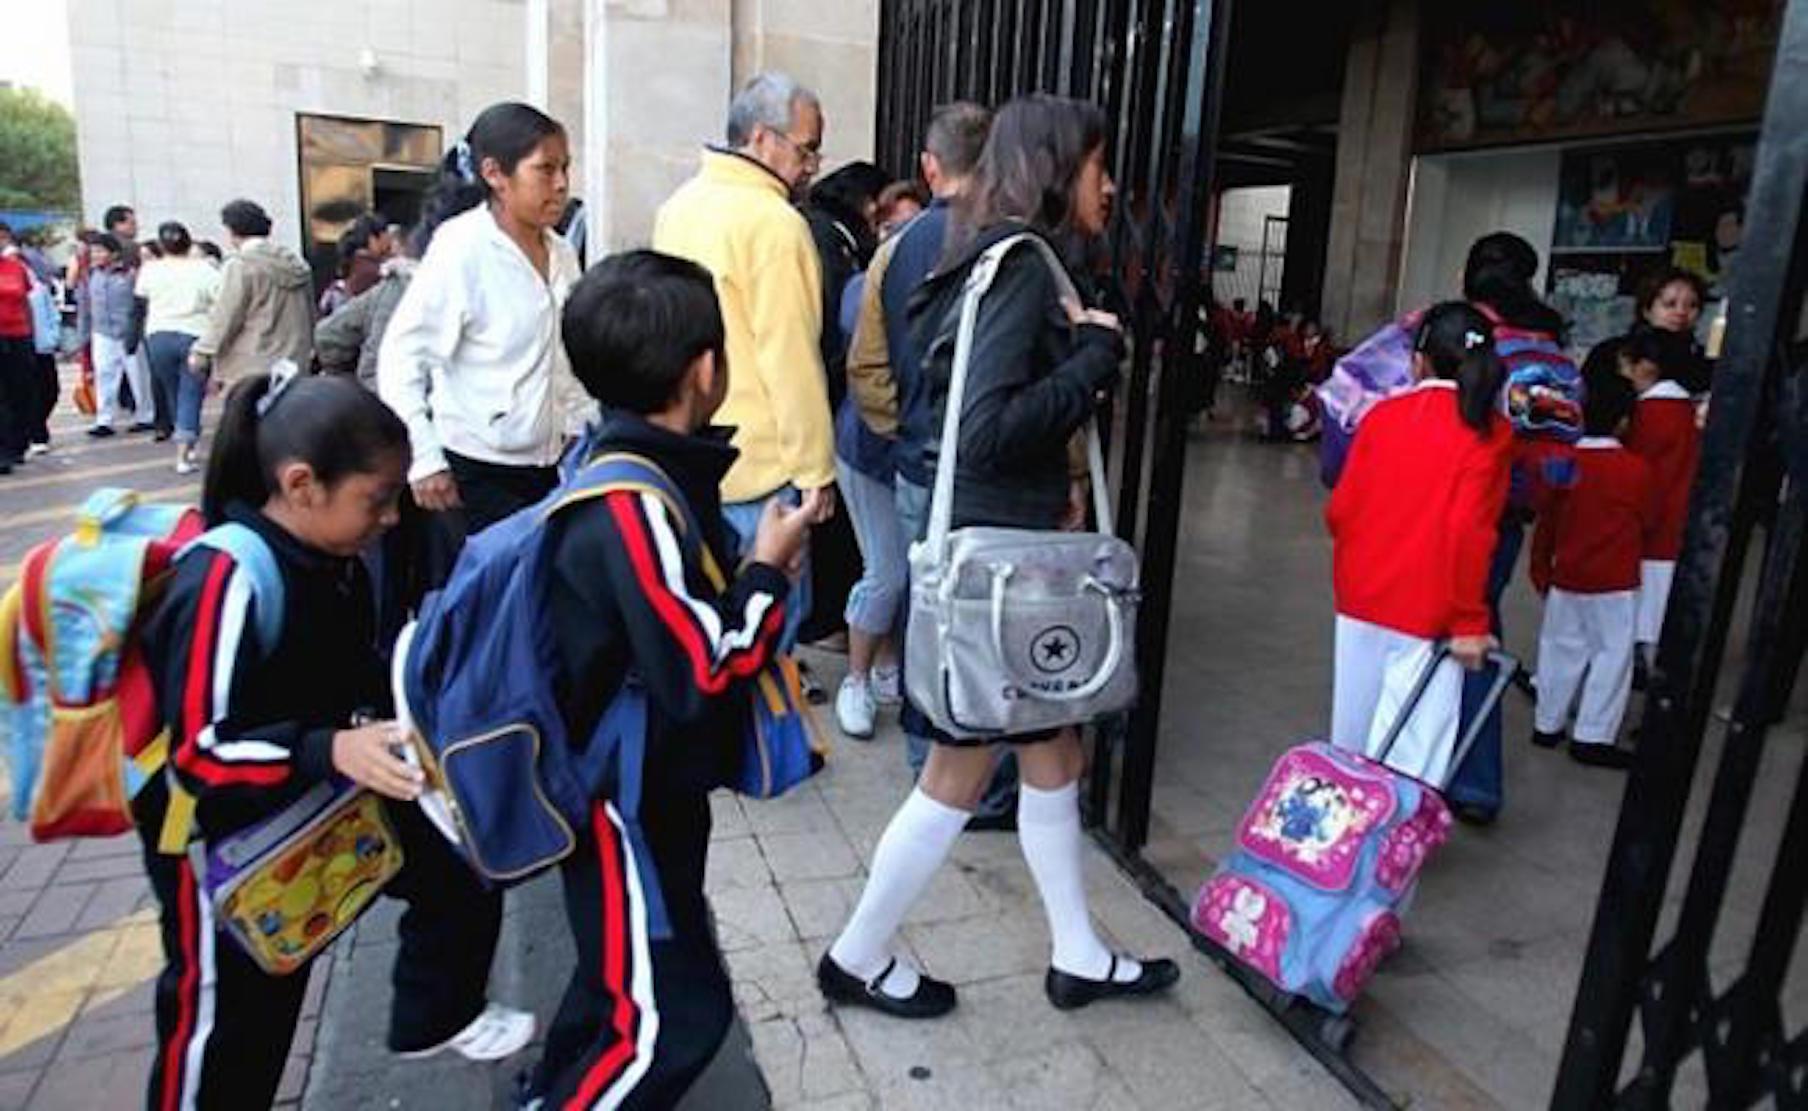 Mañana acuden a las escuelas los alumnos del nivel básico, por lo que padres de familia preparan lo necesario